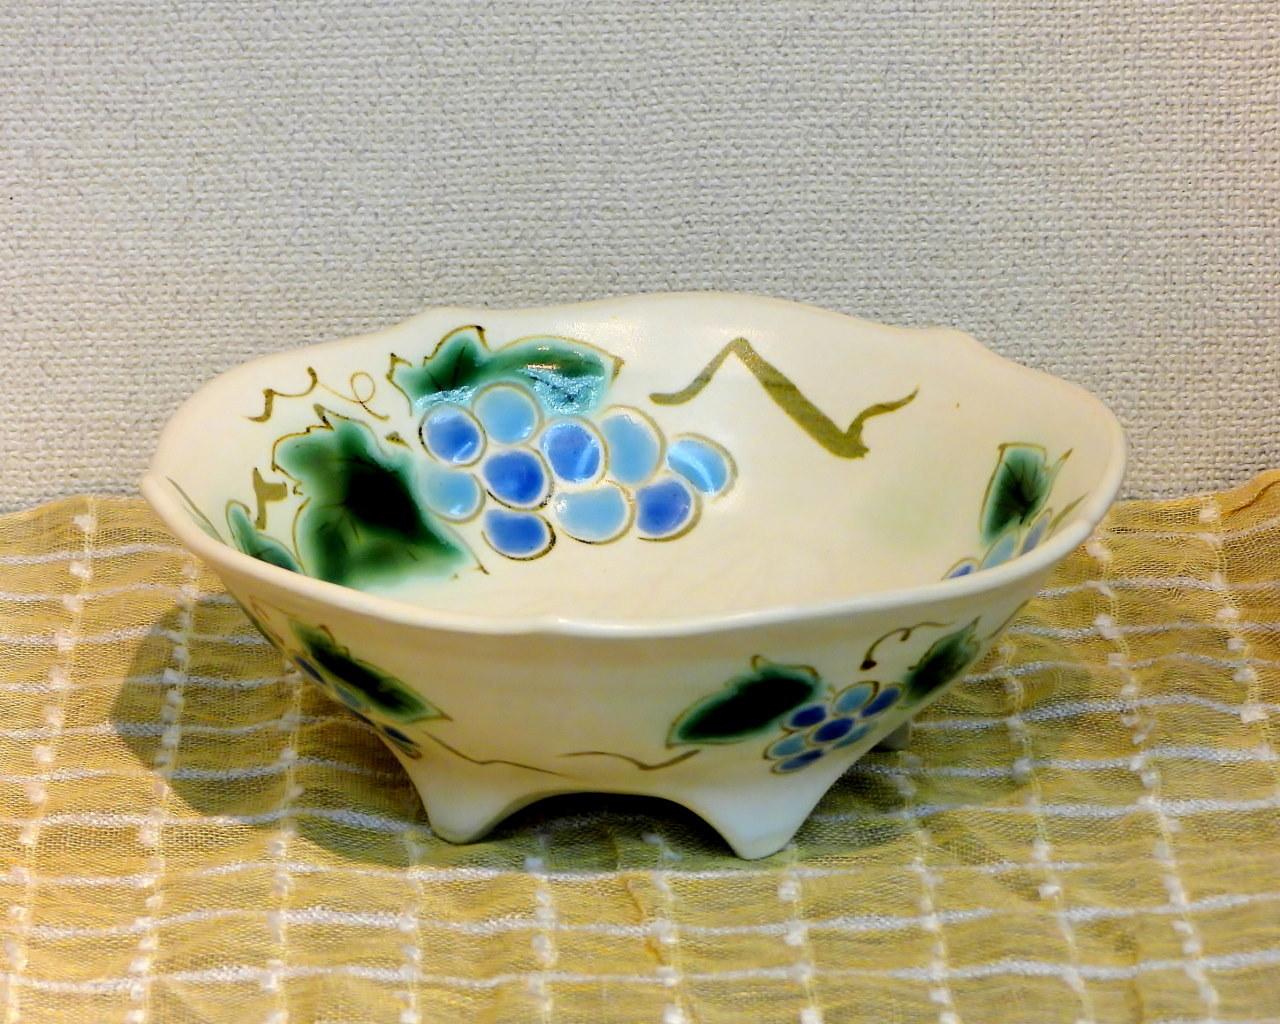 『三戸綾乃作陶展』から_c0305565_17255703.jpg